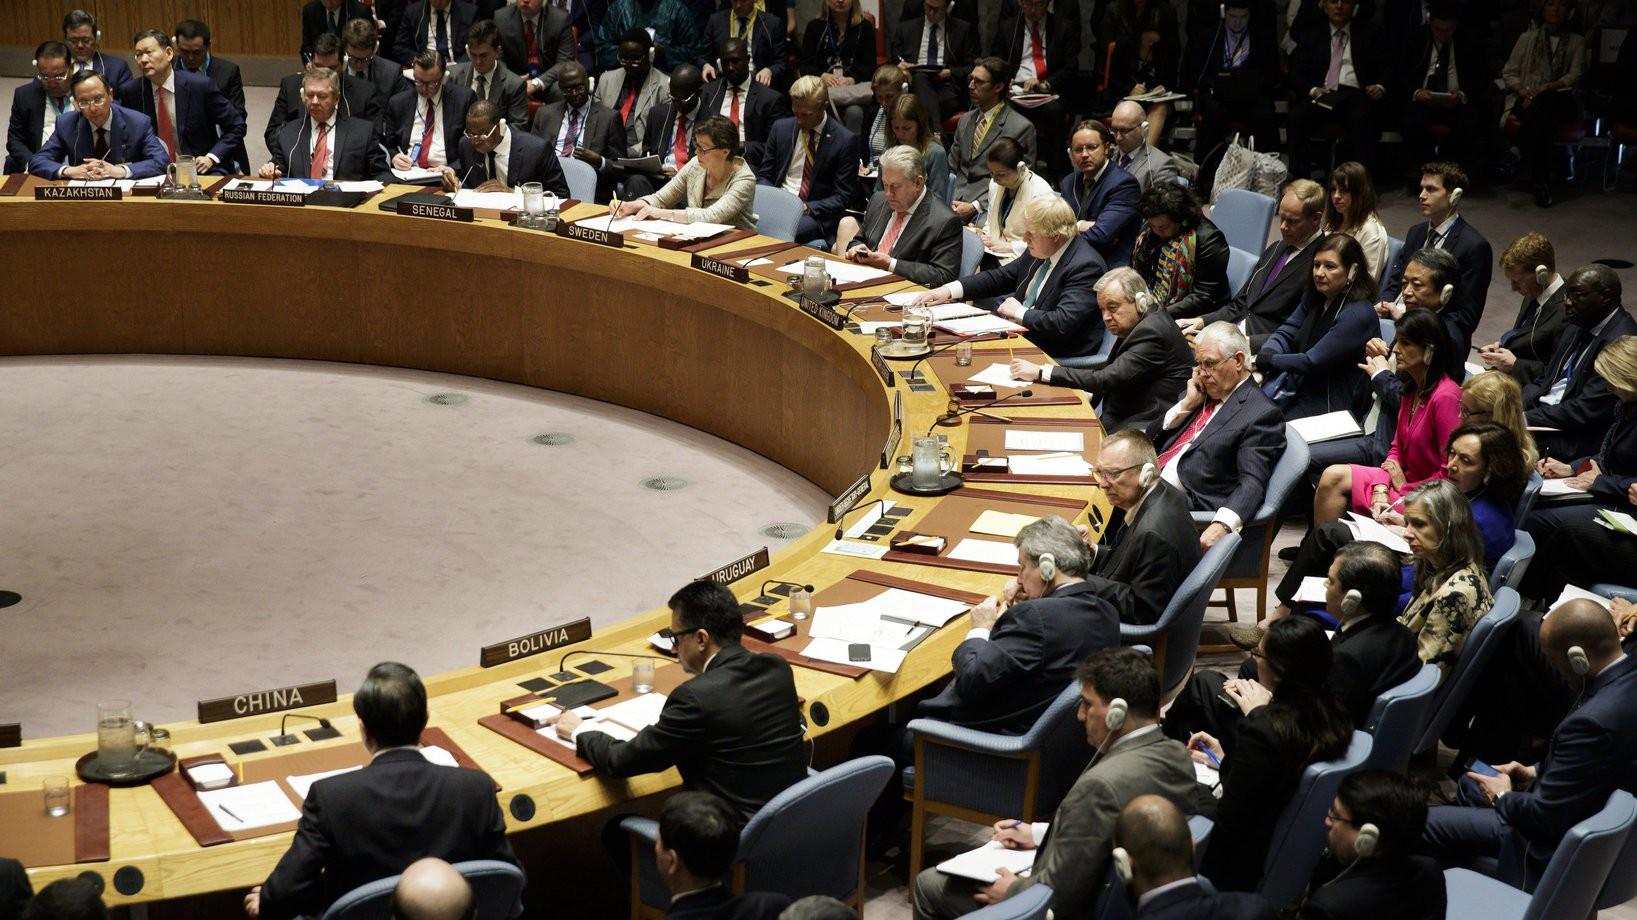 Vang Ji kínai külügyminiszter beszédét hallgatja az ENSZ Biztonsági Tanácsa az észak-koreai fegyverkezésről tartott ülésen a világszervezet New York-i székházában (Fotó: MTI/EPA/Justin Lane)